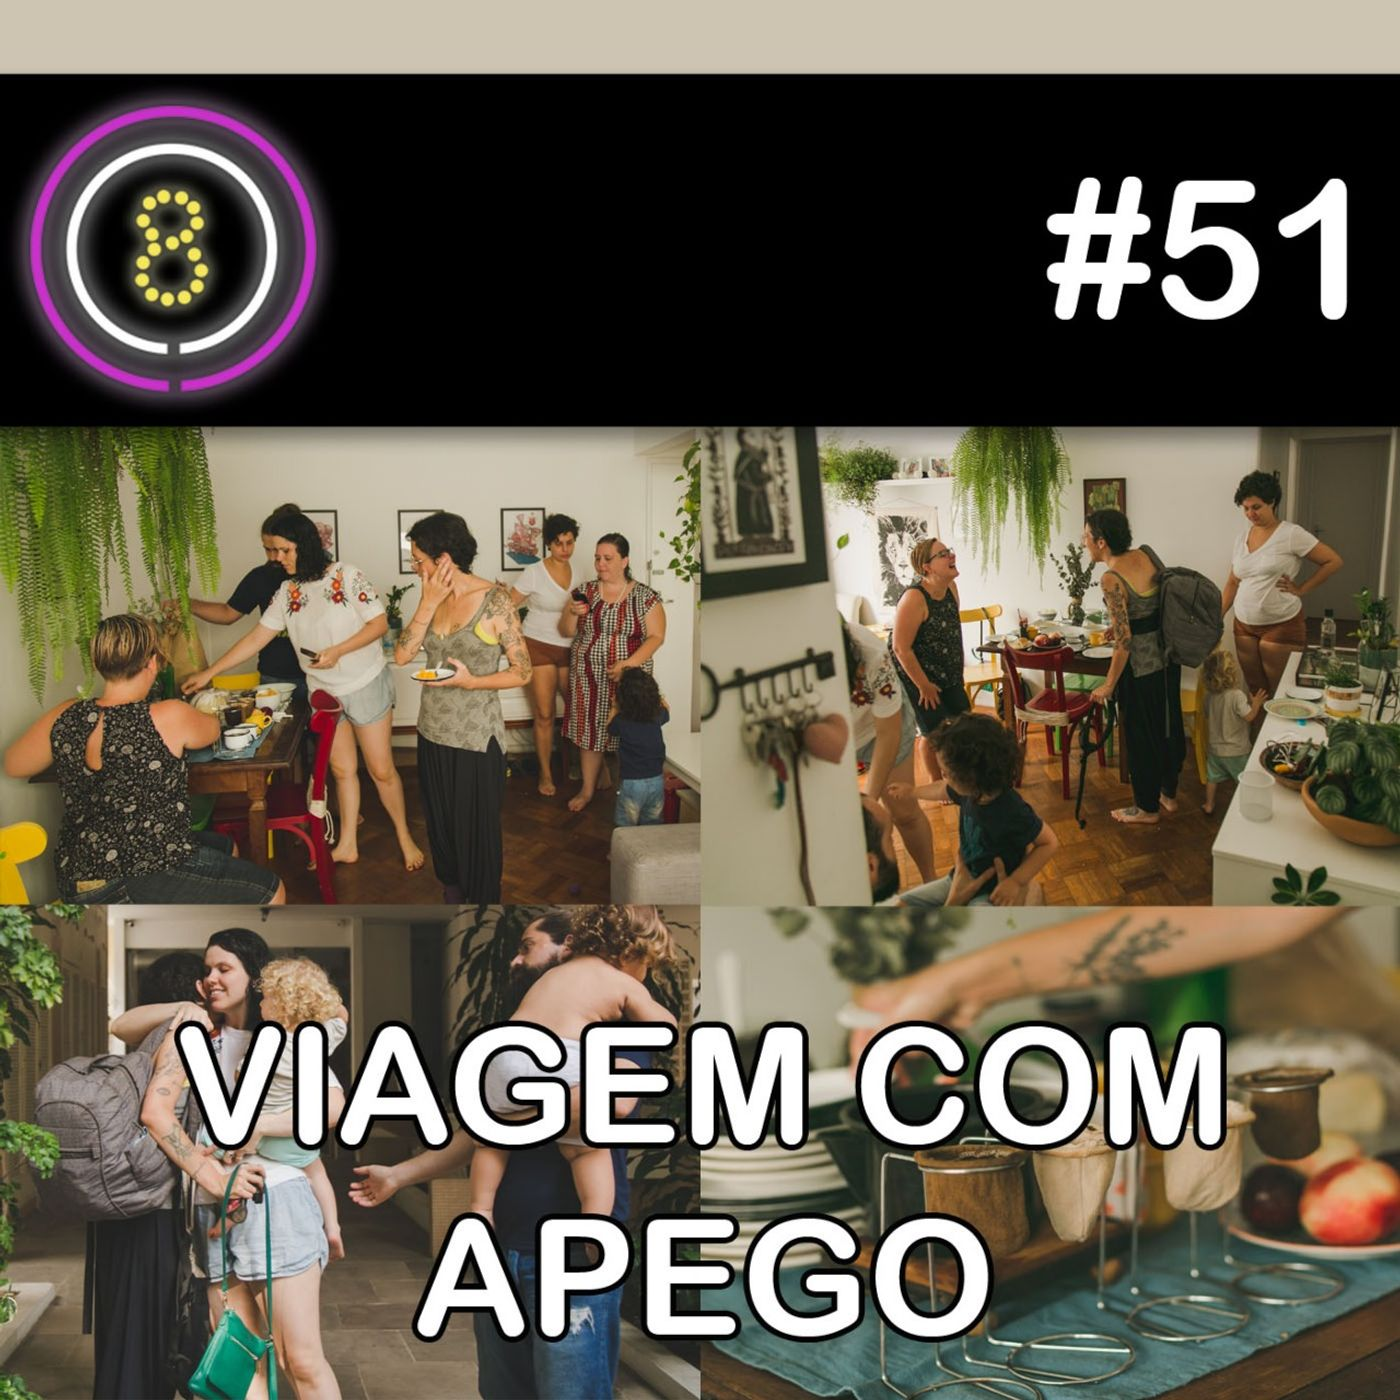 #51 - Viagem com Apego